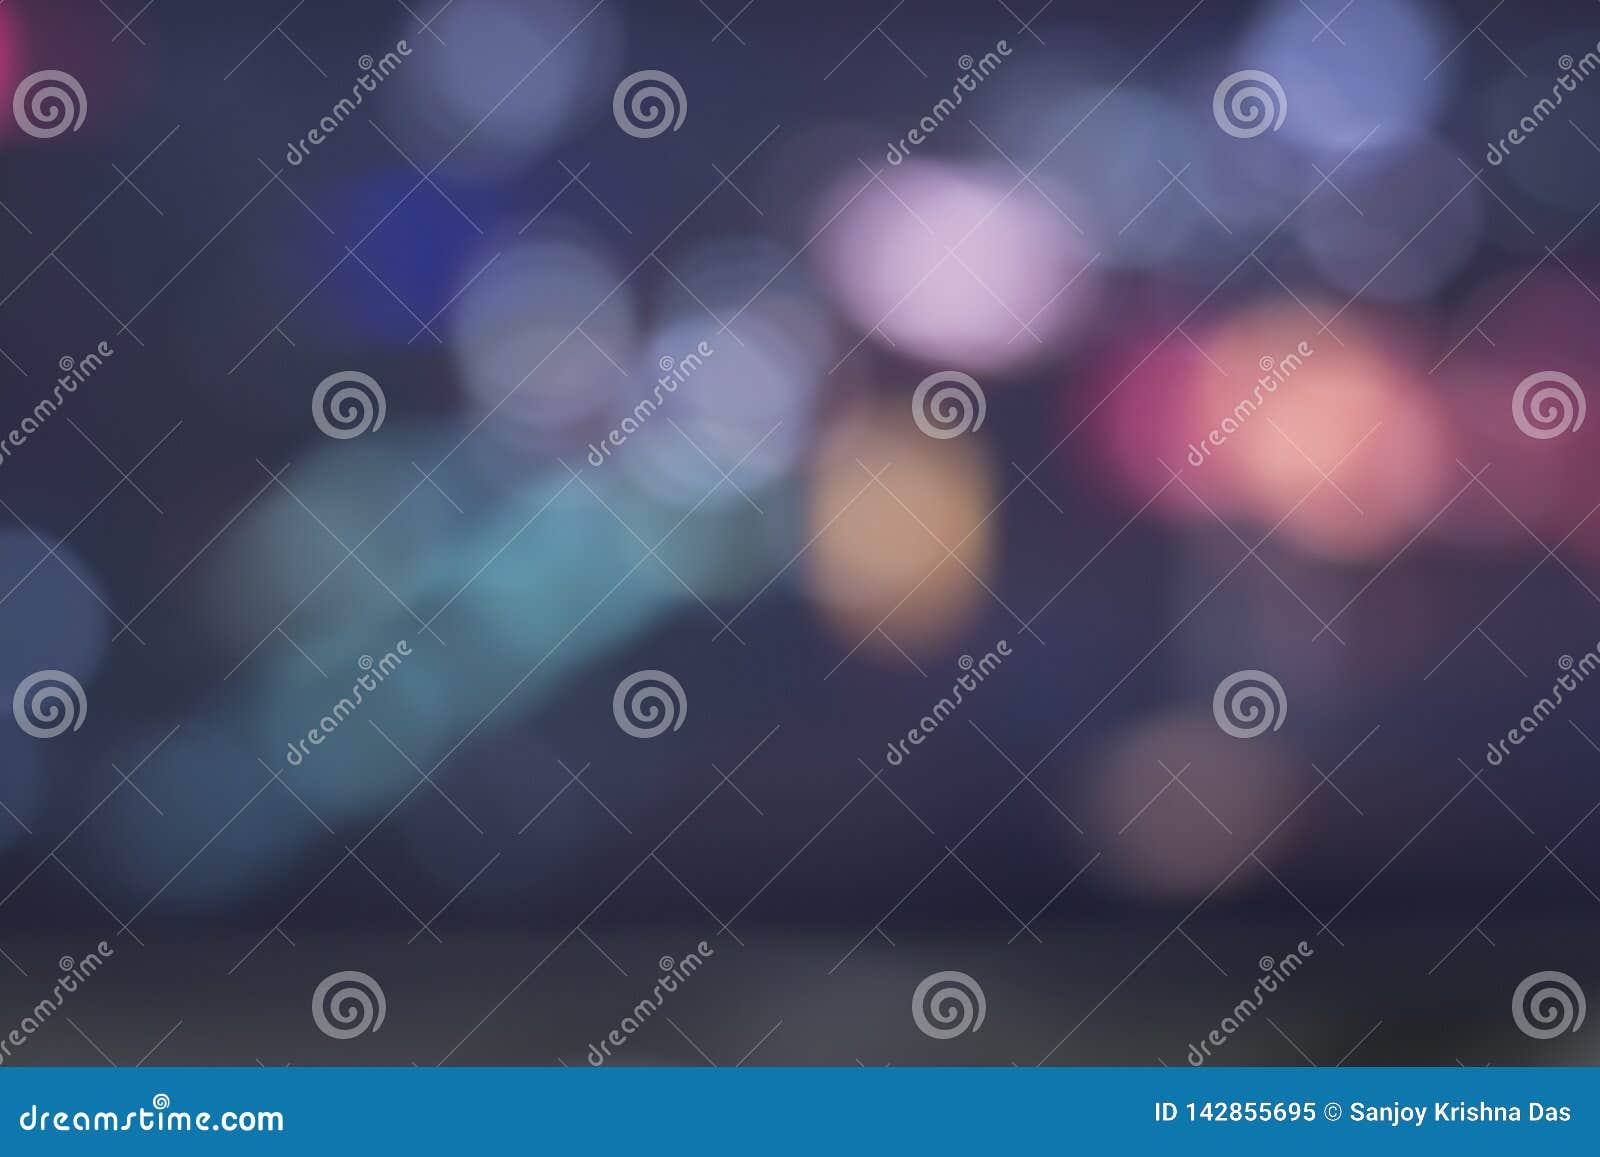 Abstrakt bild för bakgrundsBokeh effekt